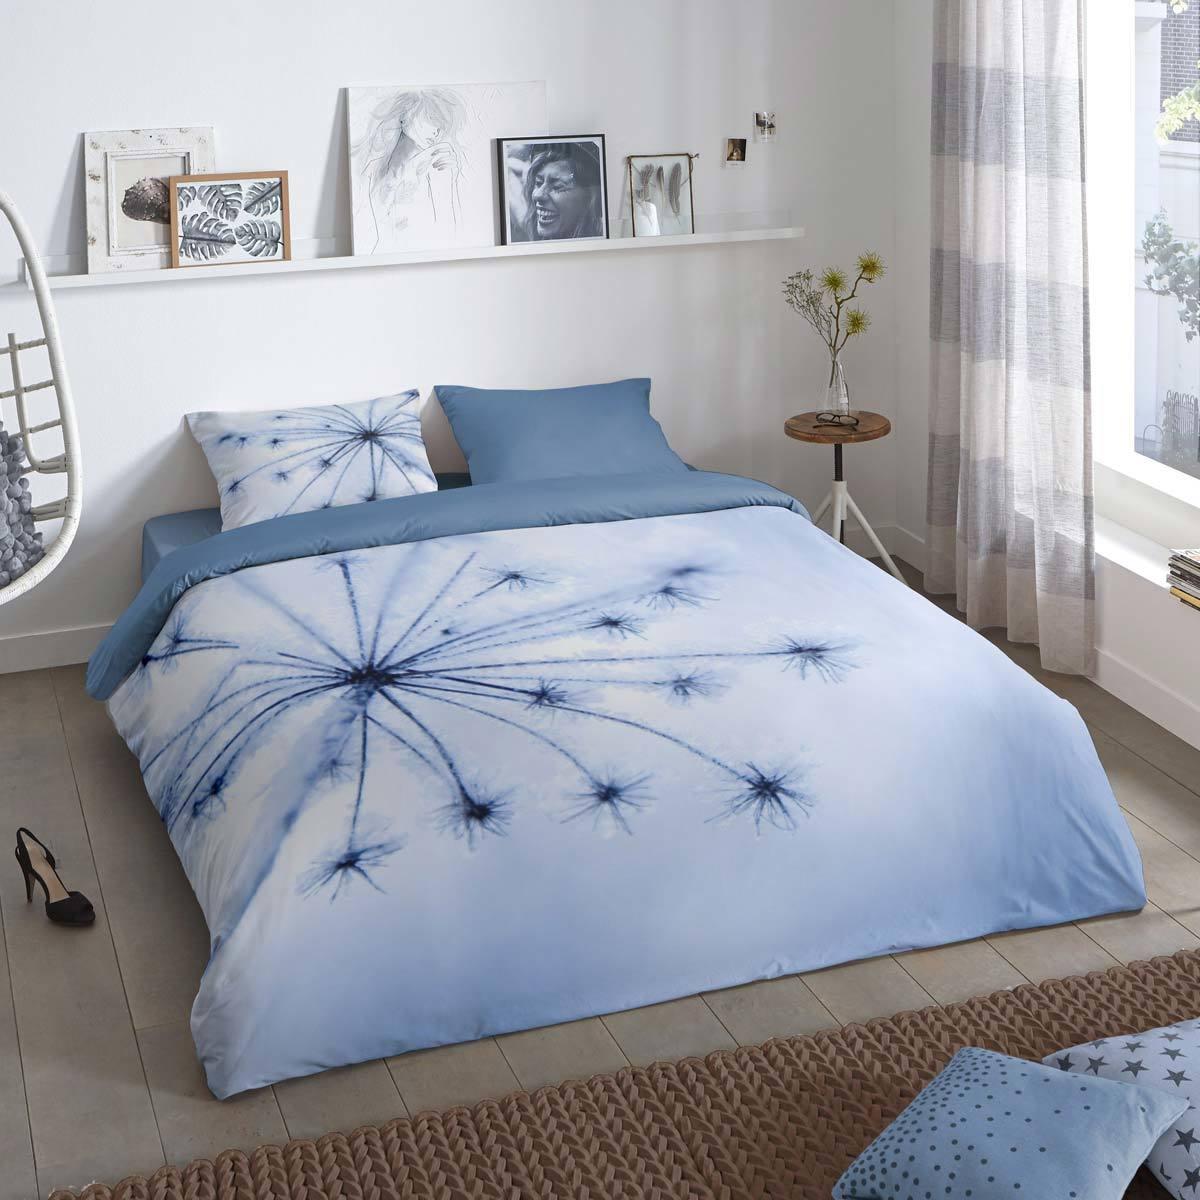 traumschlaf flanell wendebettw sche ice g nstig online kaufen bei bettwaren shop. Black Bedroom Furniture Sets. Home Design Ideas